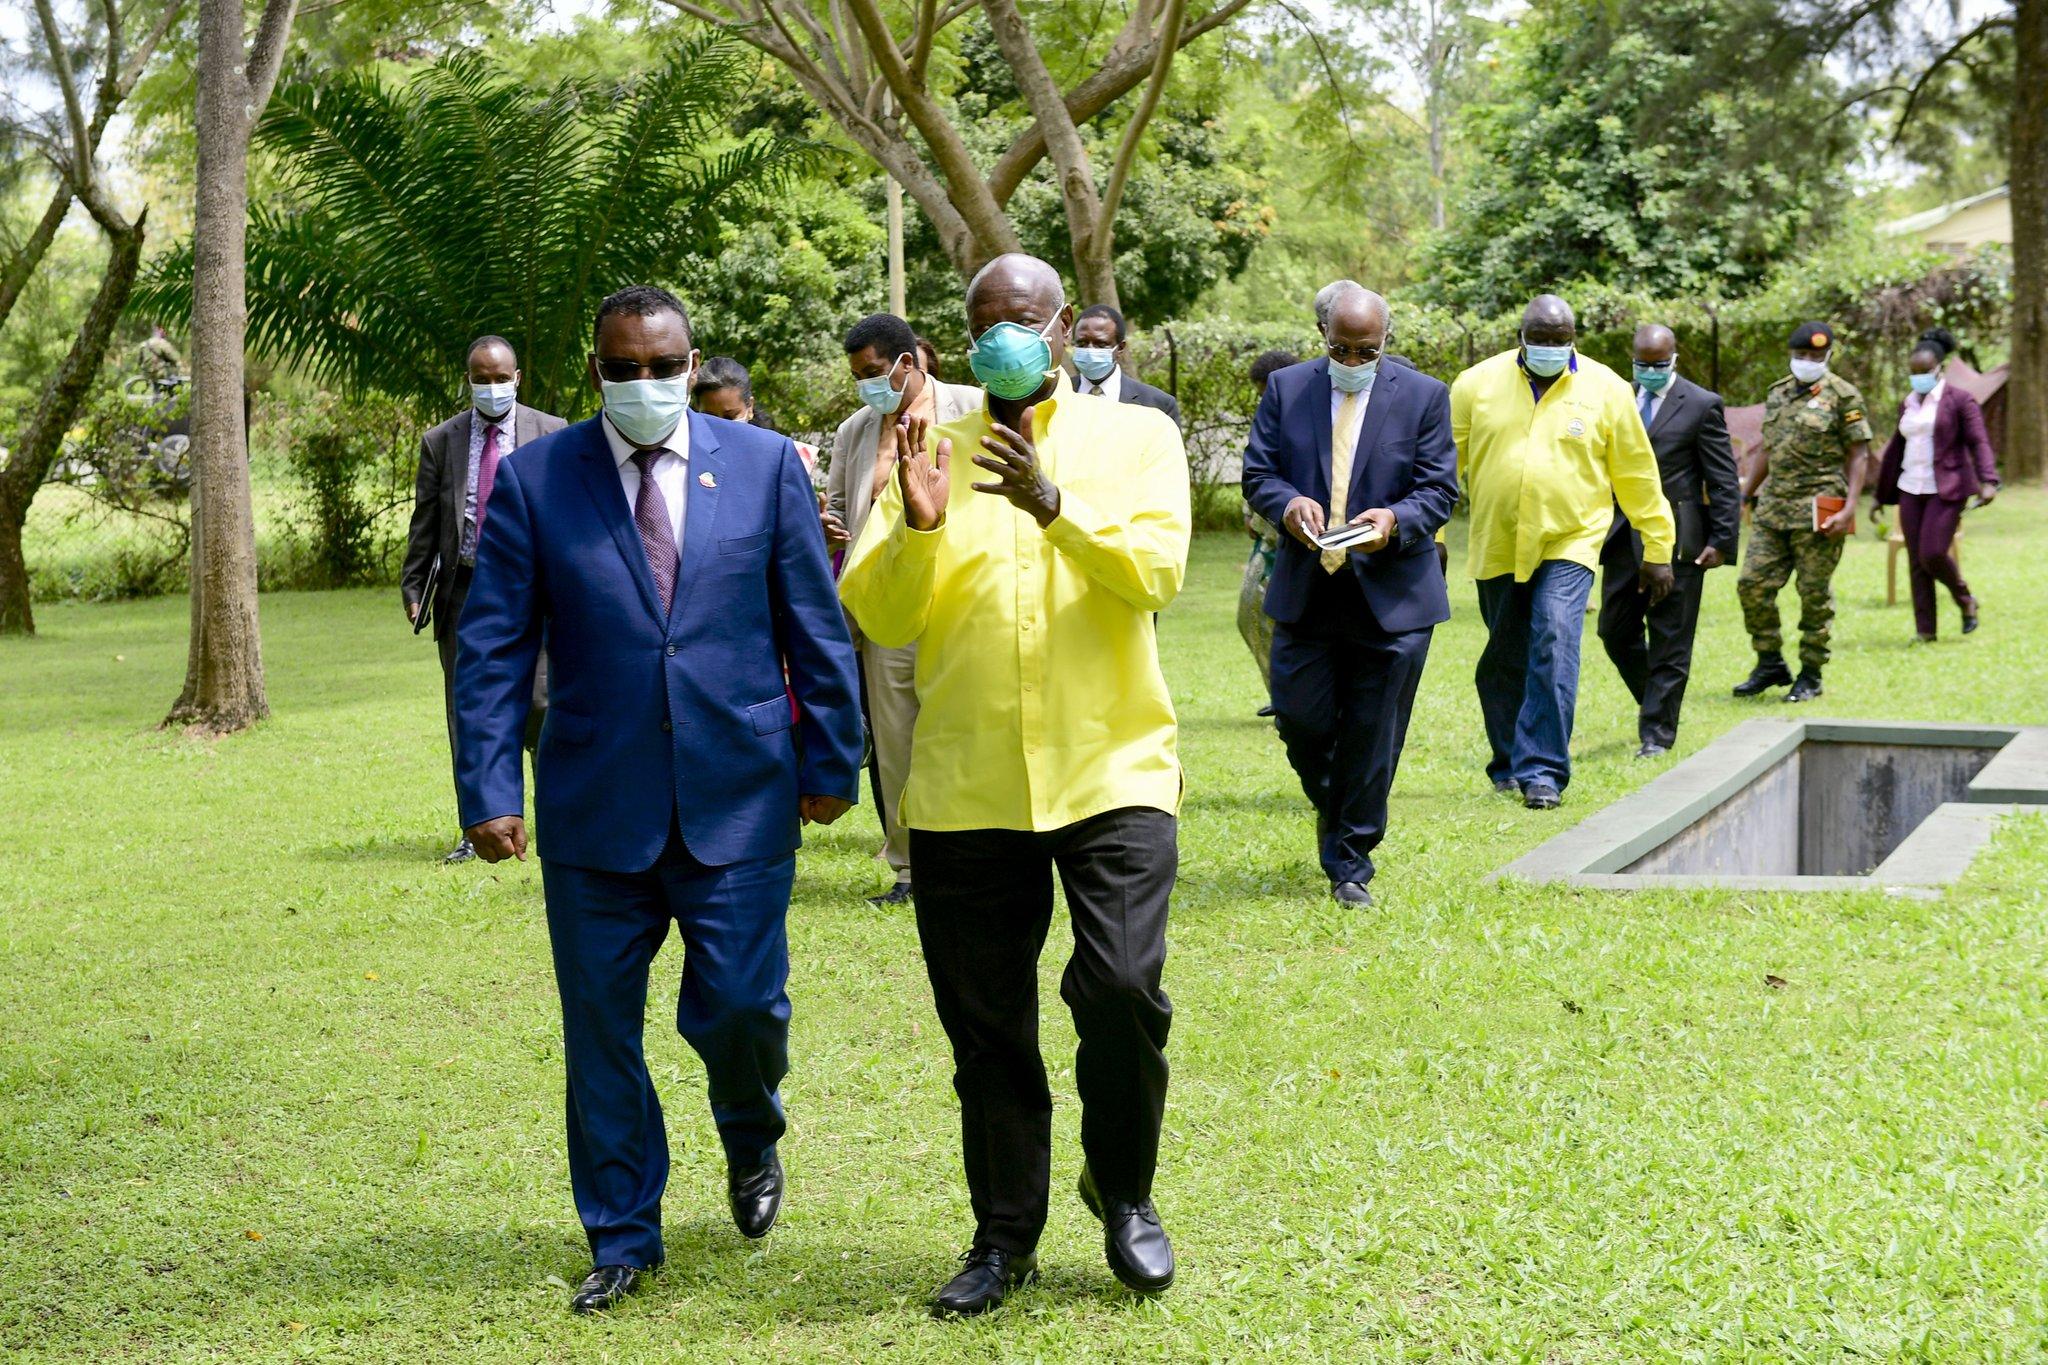 Le président ougandais Yoweri Museveni et vice-Premier ministre éthiopien, Demeke Mekonnen Hassen, le 16 novembre 2020 à Gulu (Nord de l'Ouganda).